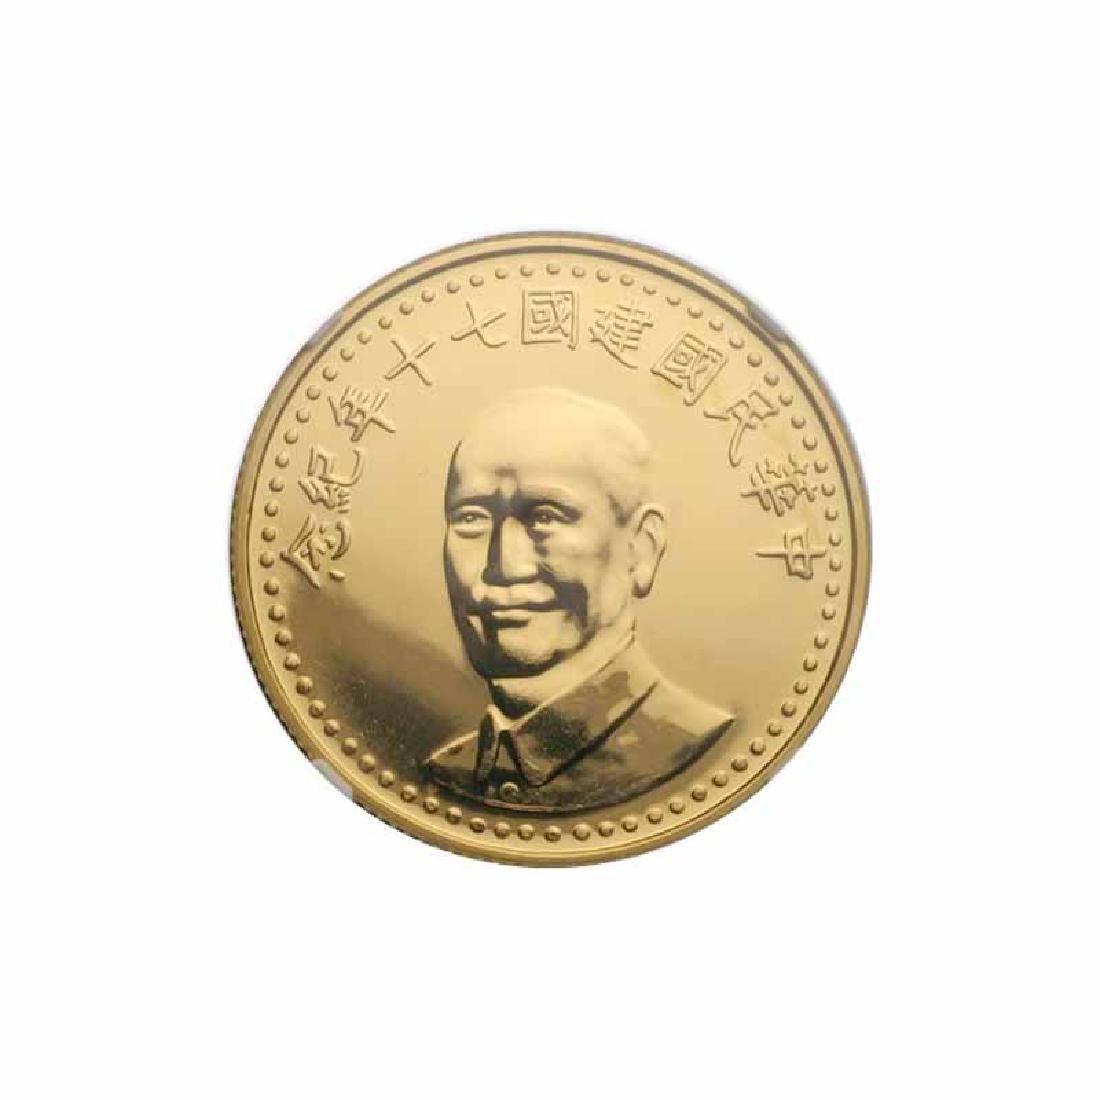 Taiwan 1000 yuan gold medal PF 1986 Chang Kai Shek